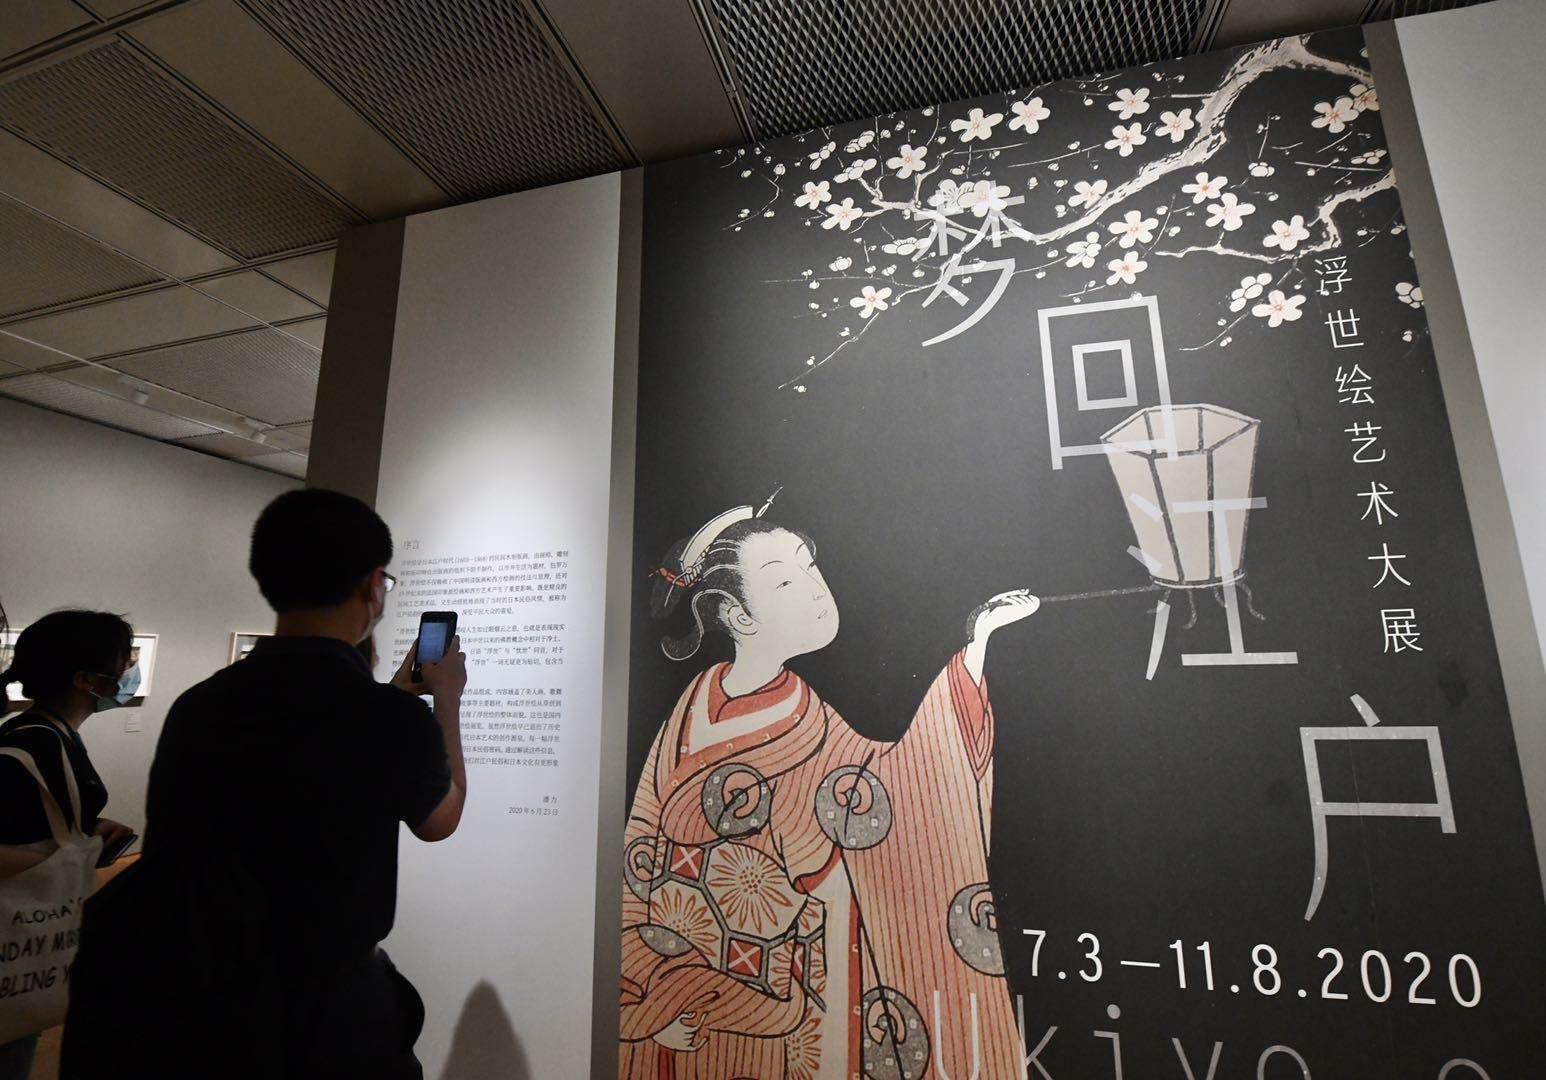 """江户时代日本民俗的""""百科全书"""",国内最大规模浮世绘艺术大展登陆沪上"""